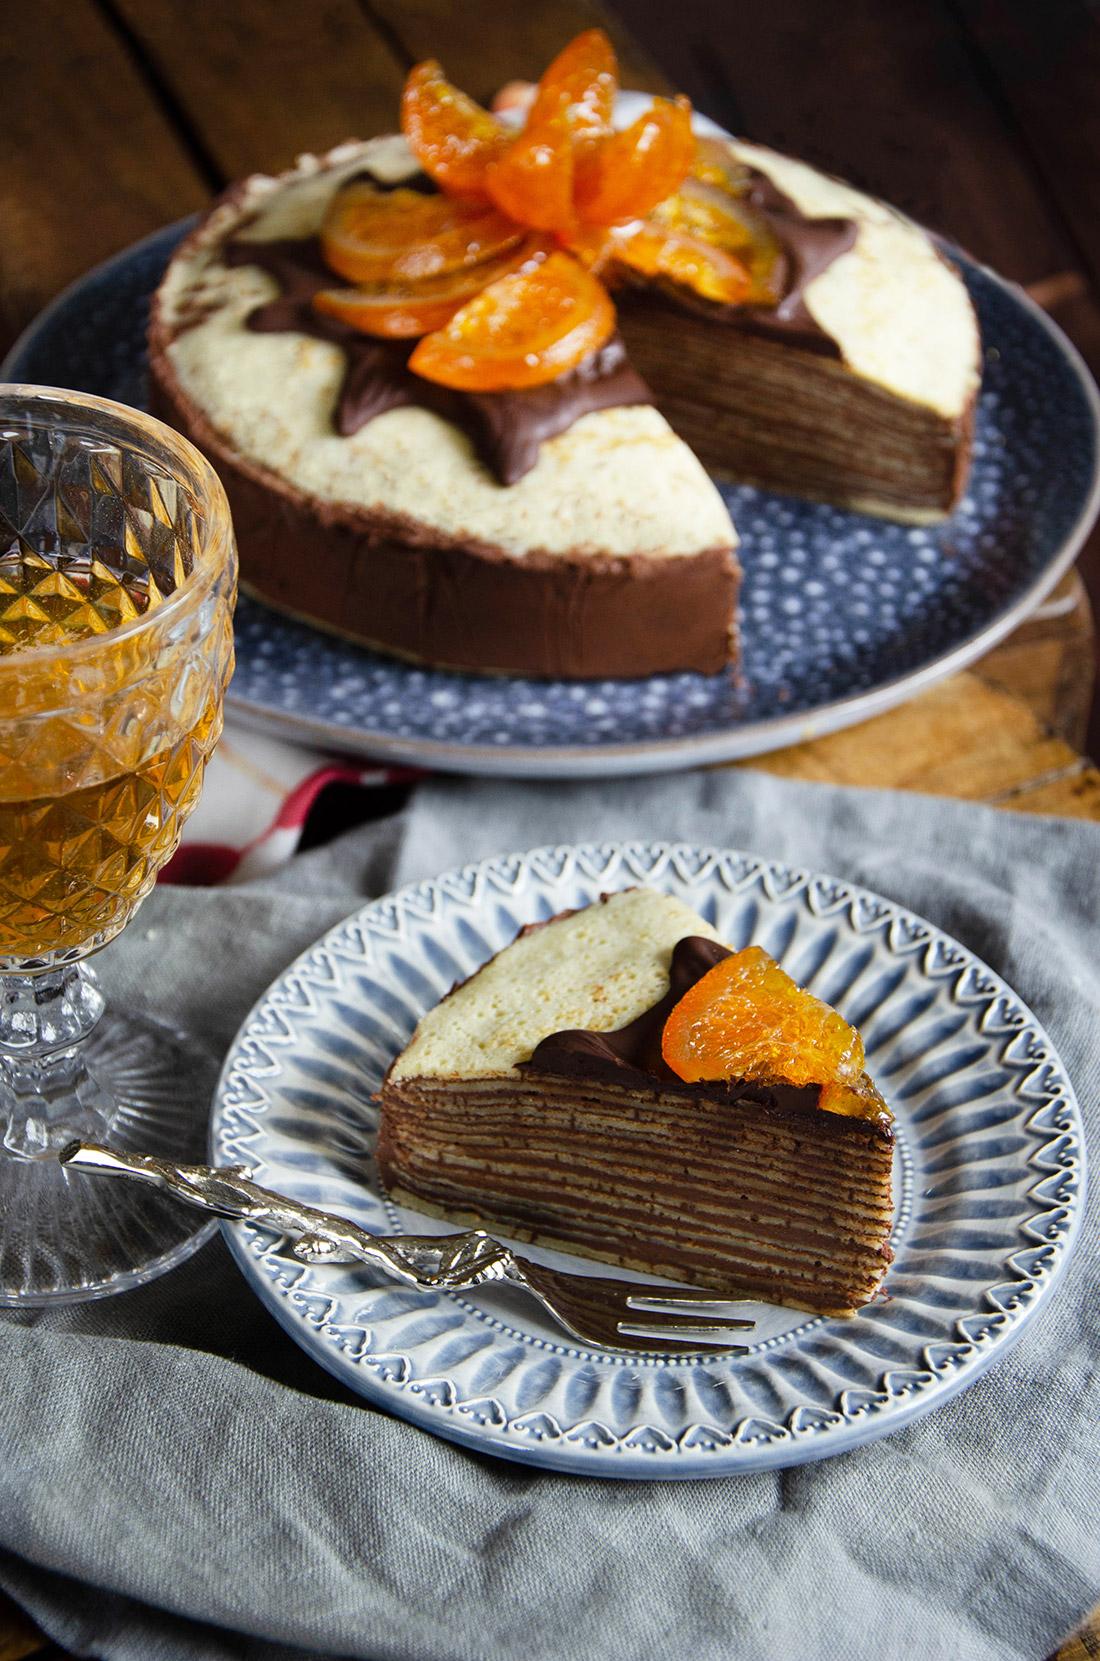 Recette de gâteau de crêpes au chocolat et aux tranches d'orange confite